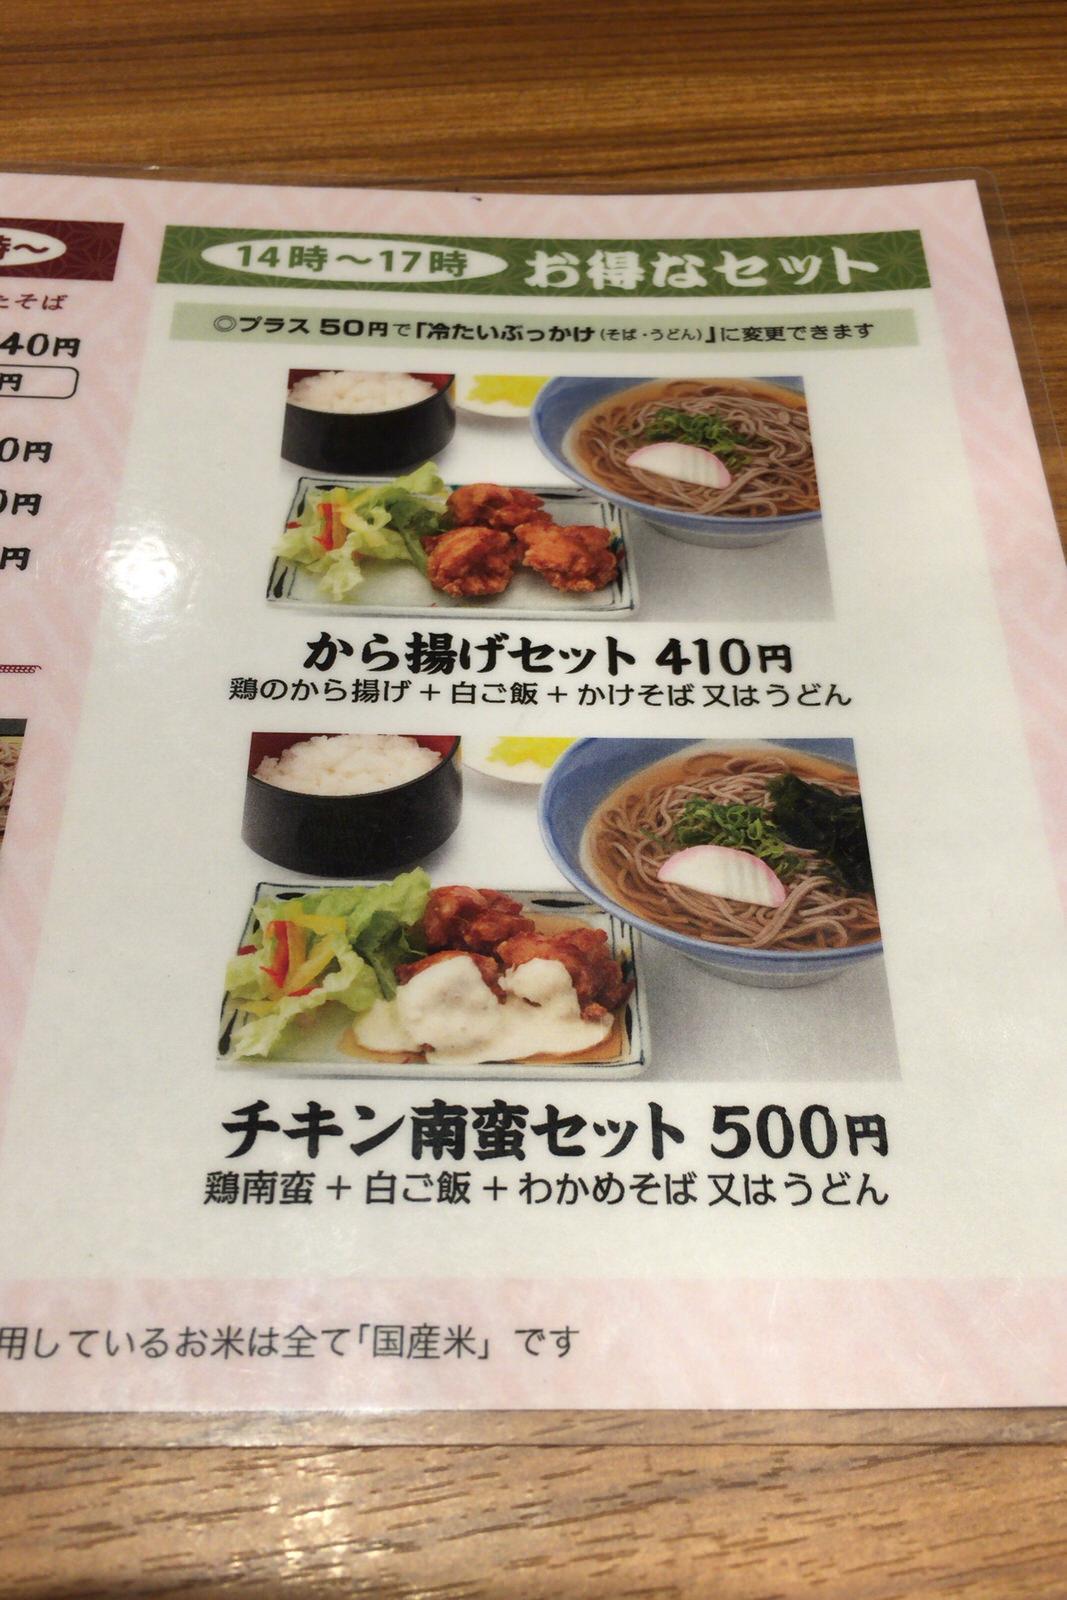 十三駅 阪急そば メニュー その2